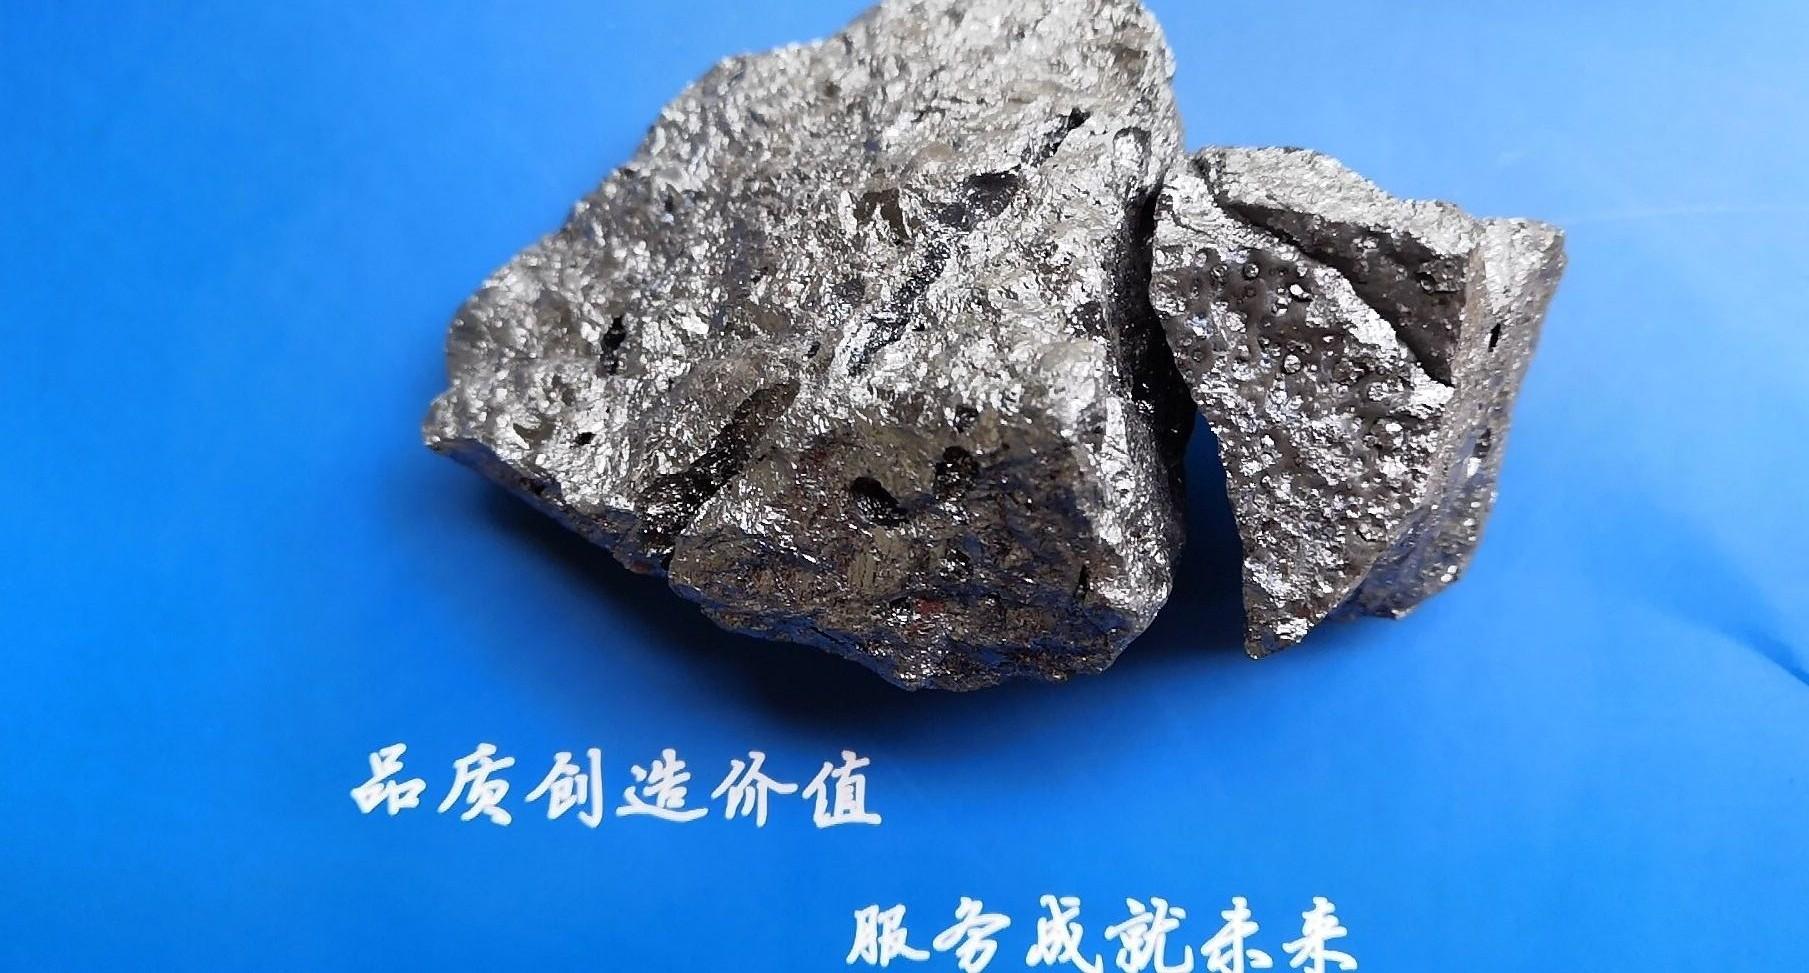 【金属硅】周初金属硅价格保持稳中上涨